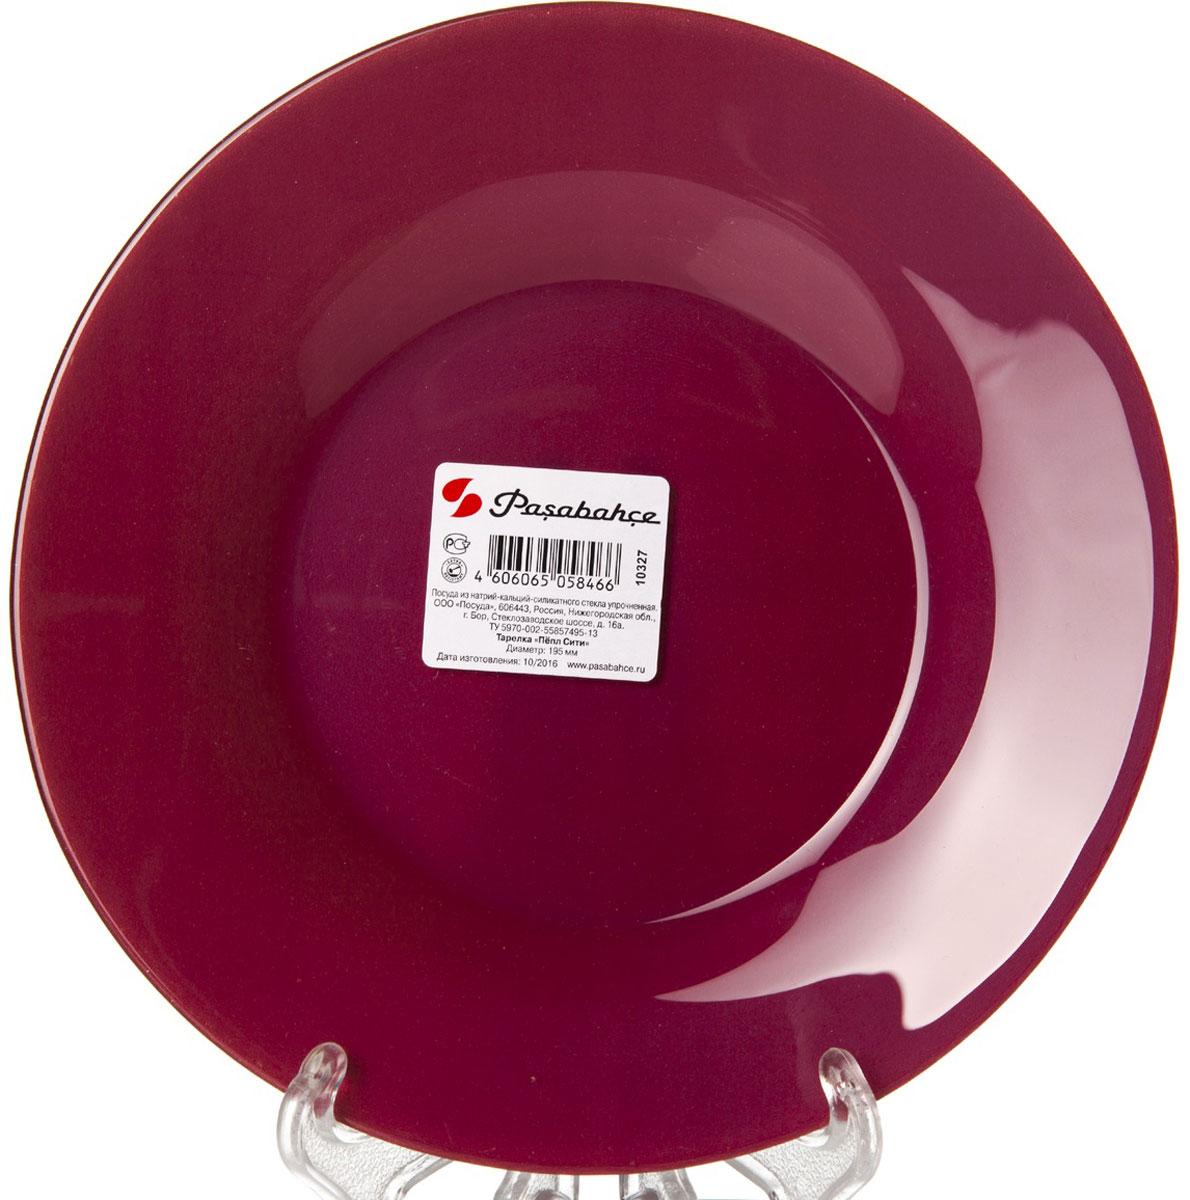 Тарелка Pasabahce Пепл Сити, цвет: фиолетовый, диаметр 19,5 см10327SLBD36Тарелка Pasabahce Пепл Сити выполнена из качественного стекла фиолетового цвета. Она прекрасно подойдет в качестве сервировочного блюда для фруктов, десертов, закусок, торта и другого. Изящная тарелка прекрасно оформит праздничный стол и порадует вас и ваших гостей изысканным дизайном и формой.Диаметр тарелки: 19,5 см.